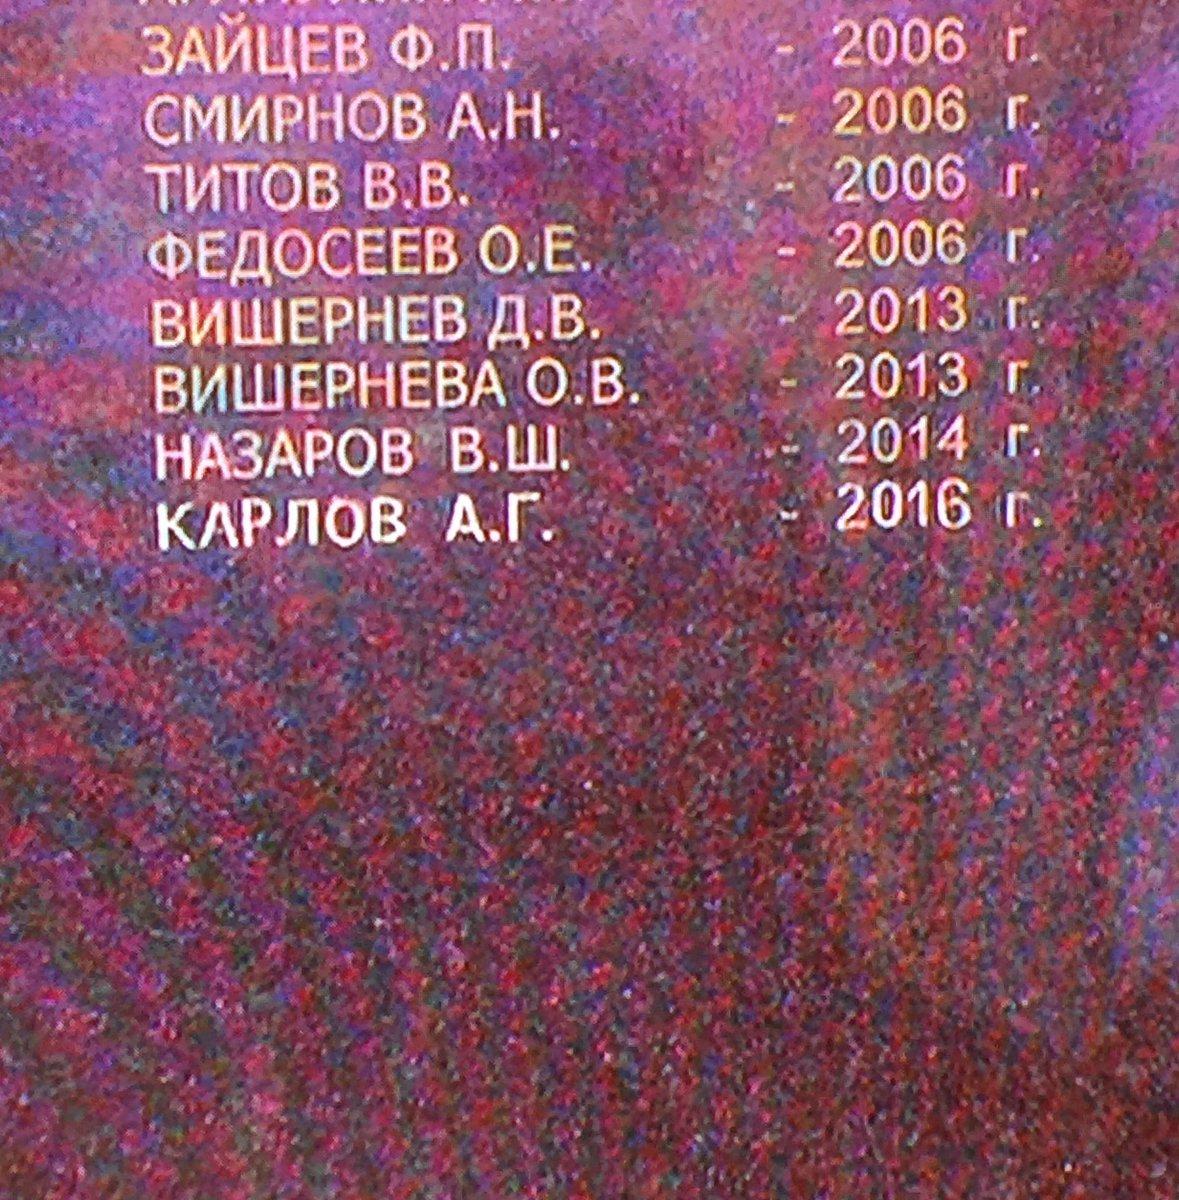 20161221_23-36-На памятную доску МИД РФ внесли имя посла Андрея Карлова